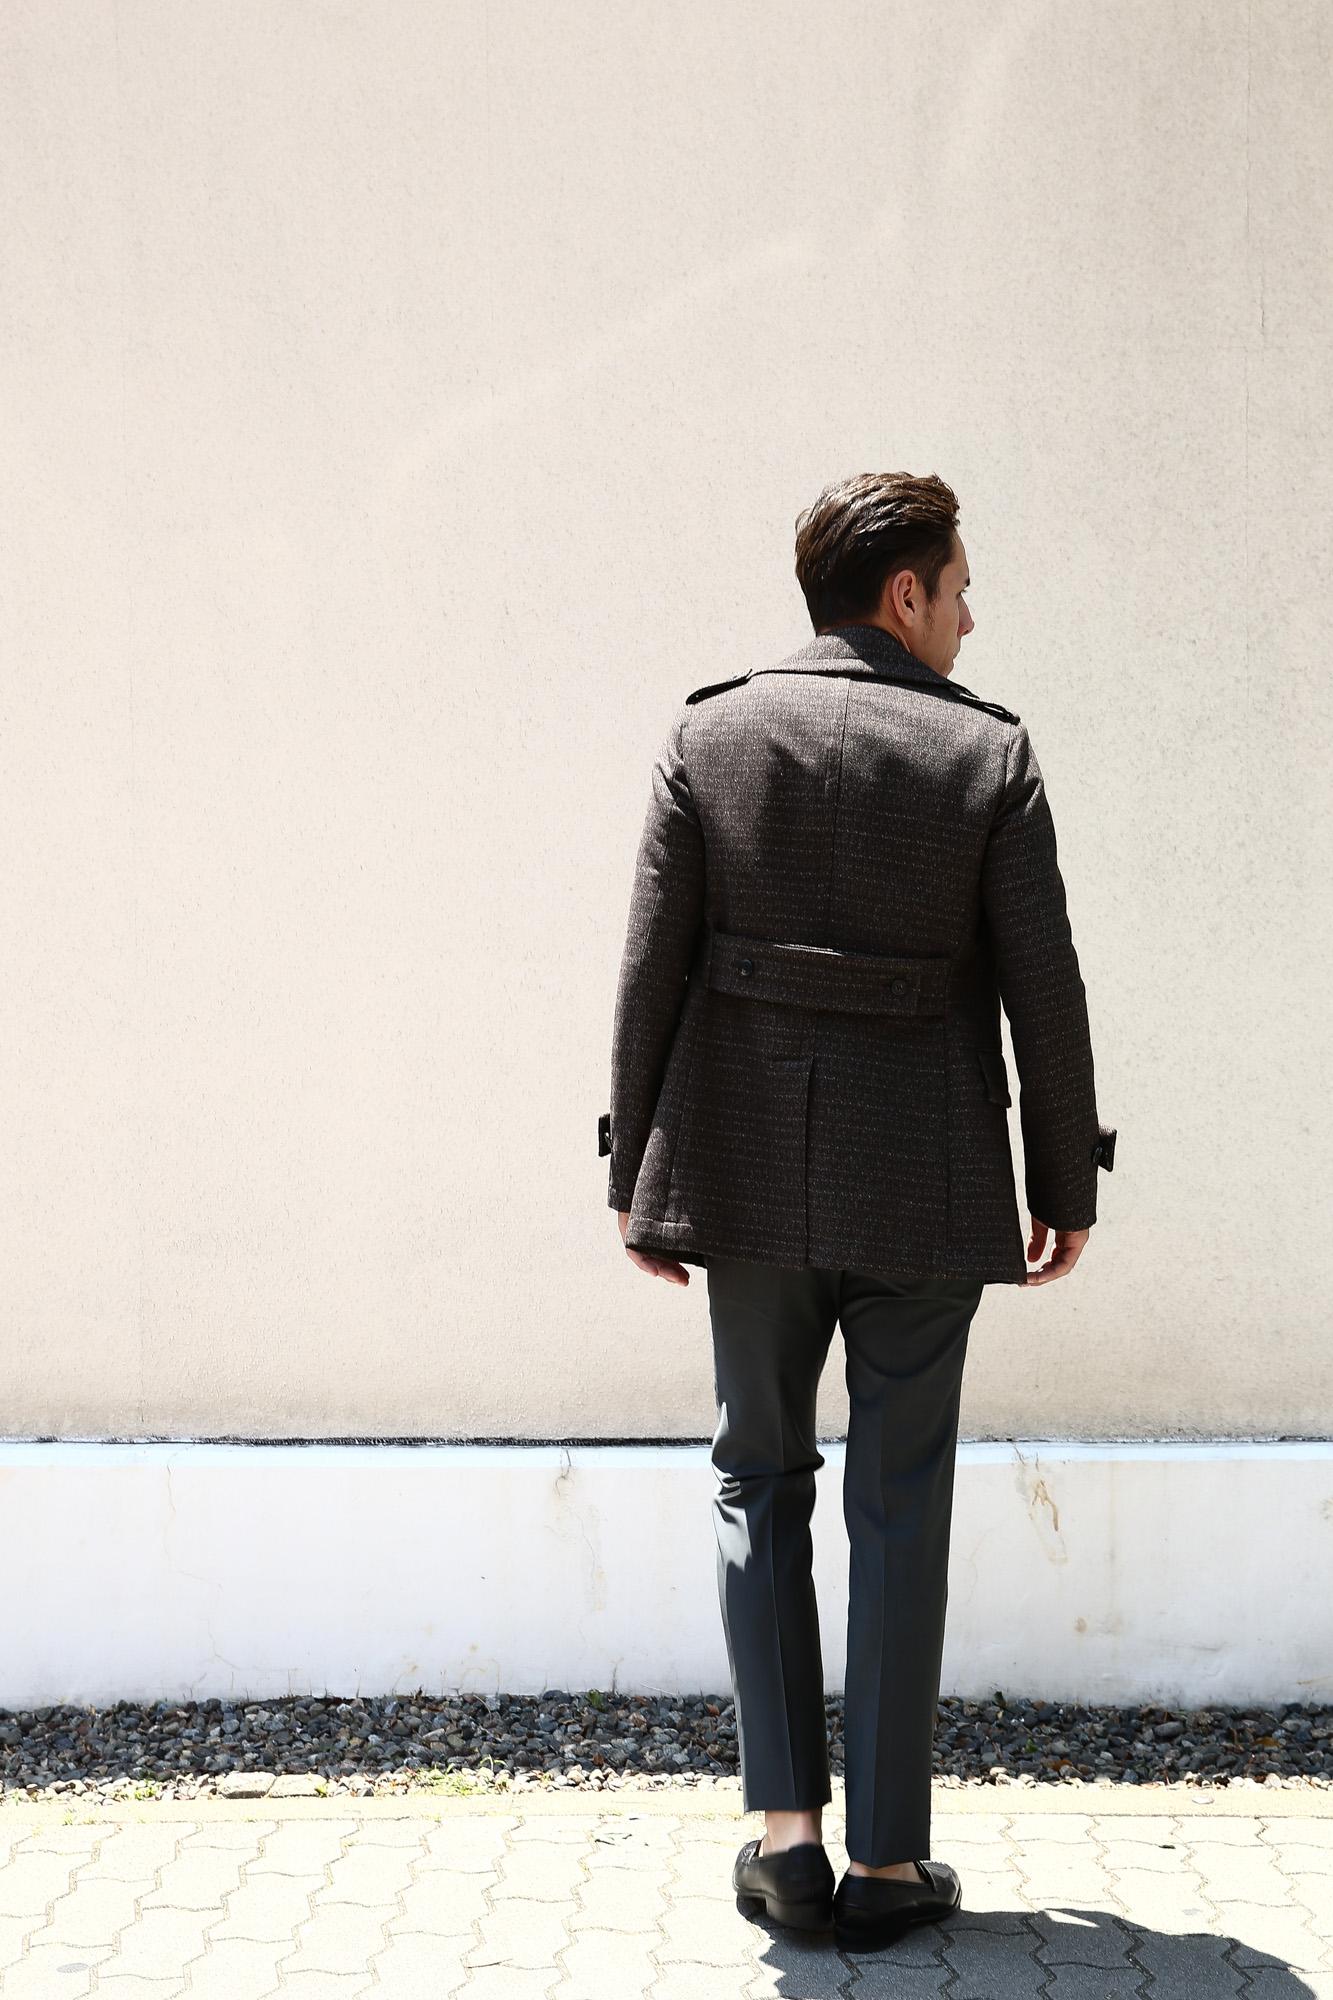 【GABRIELE PASINI / ガブリエレ パジーニ】 Pea coat ピーコート ウール オーバーコート ミドル丈 ダブルコート BROWN (ブラウン・438) Made in italy (イタリア製) 2017 秋冬 gabrielepasini ガブリエレパジーニ ジャケット スーツ コート Pコート 愛知 名古屋 Alto e Diritto アルト エ デリット